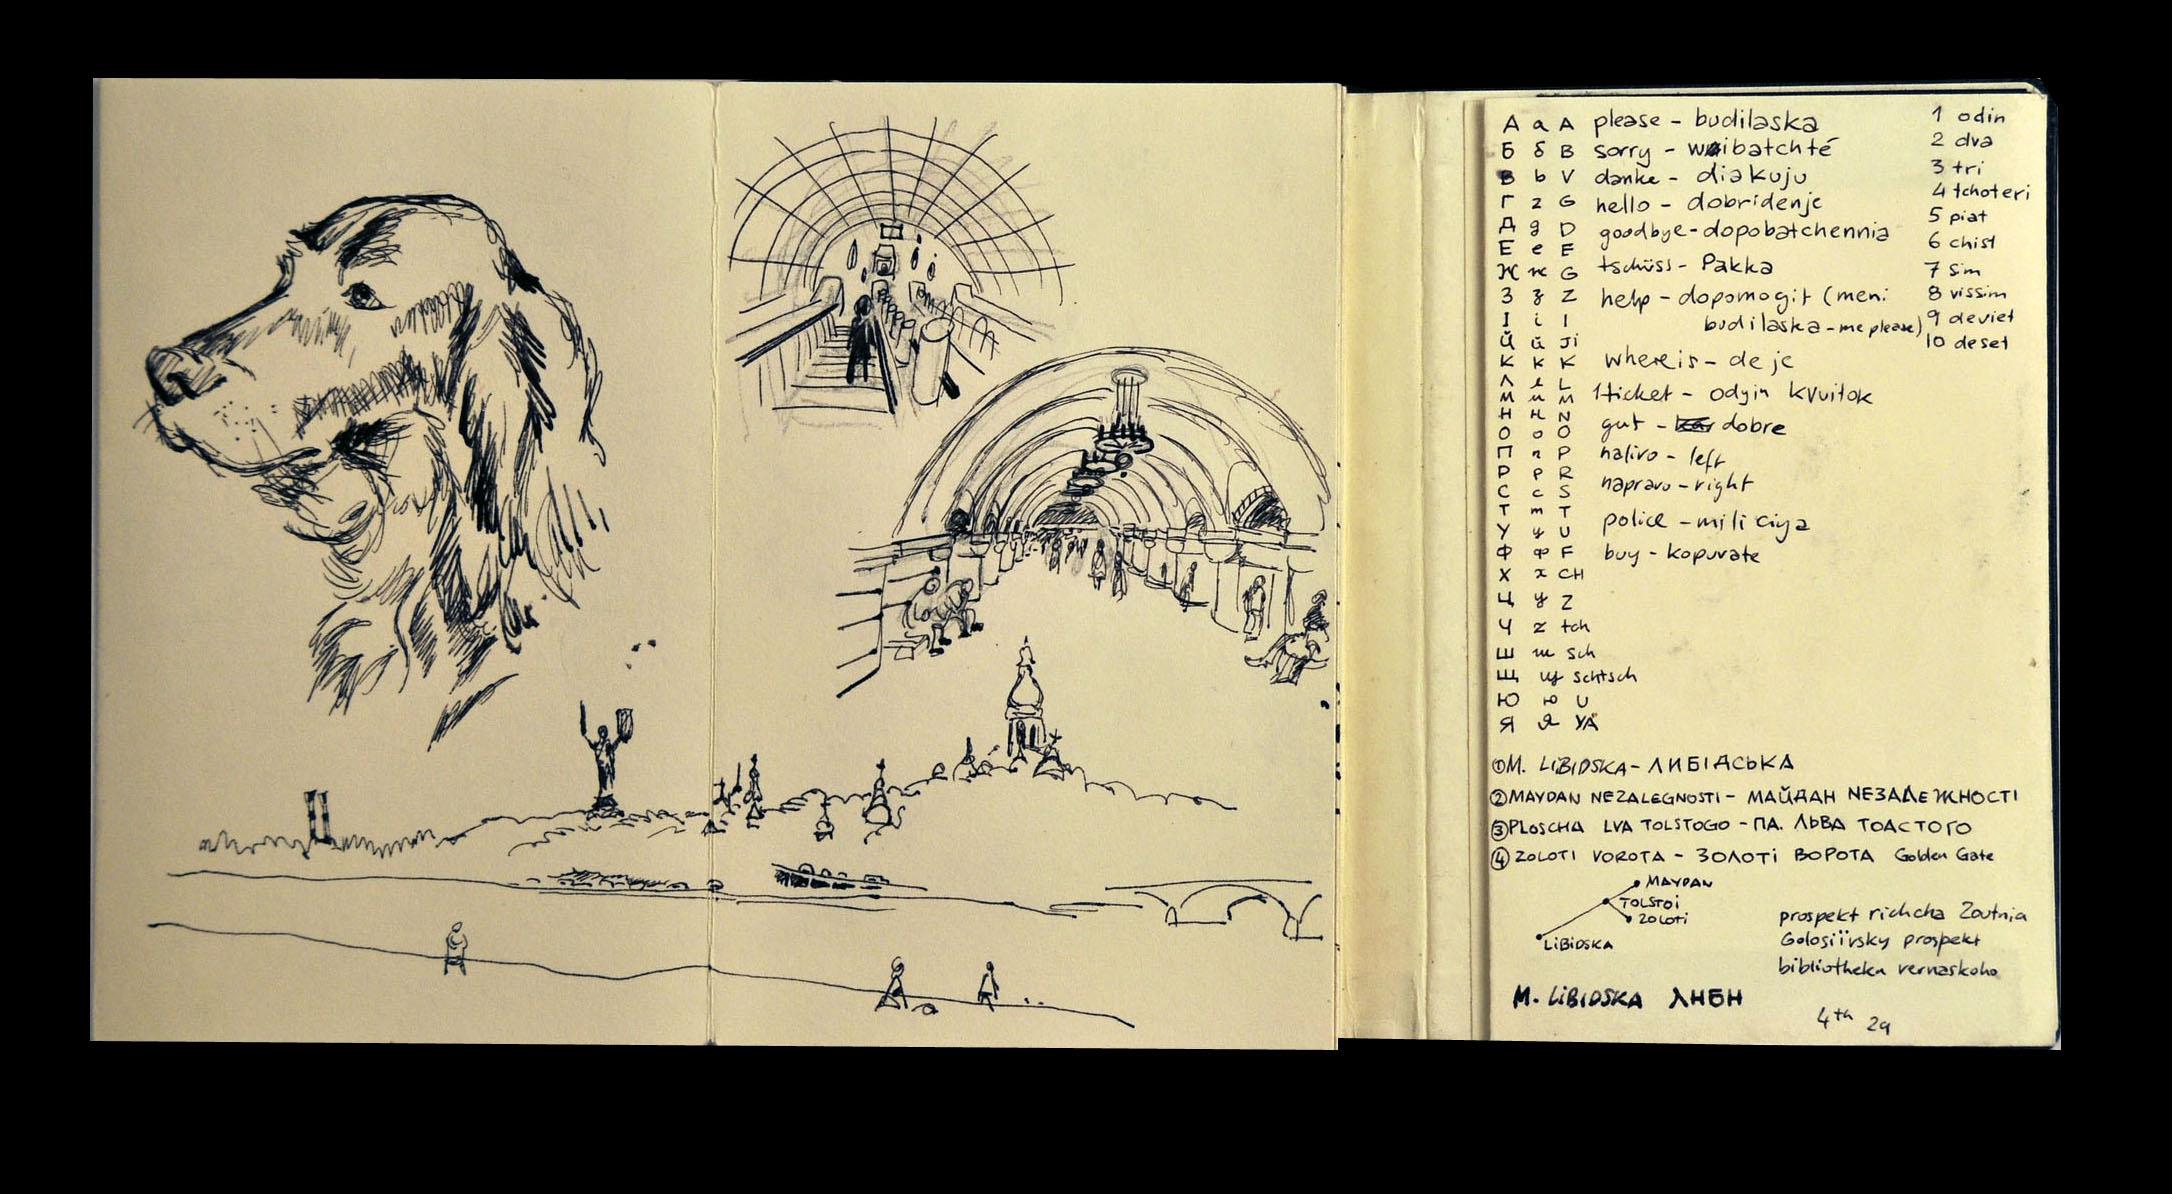 ulrich-schroeder_sketchbook_ukraine_5a